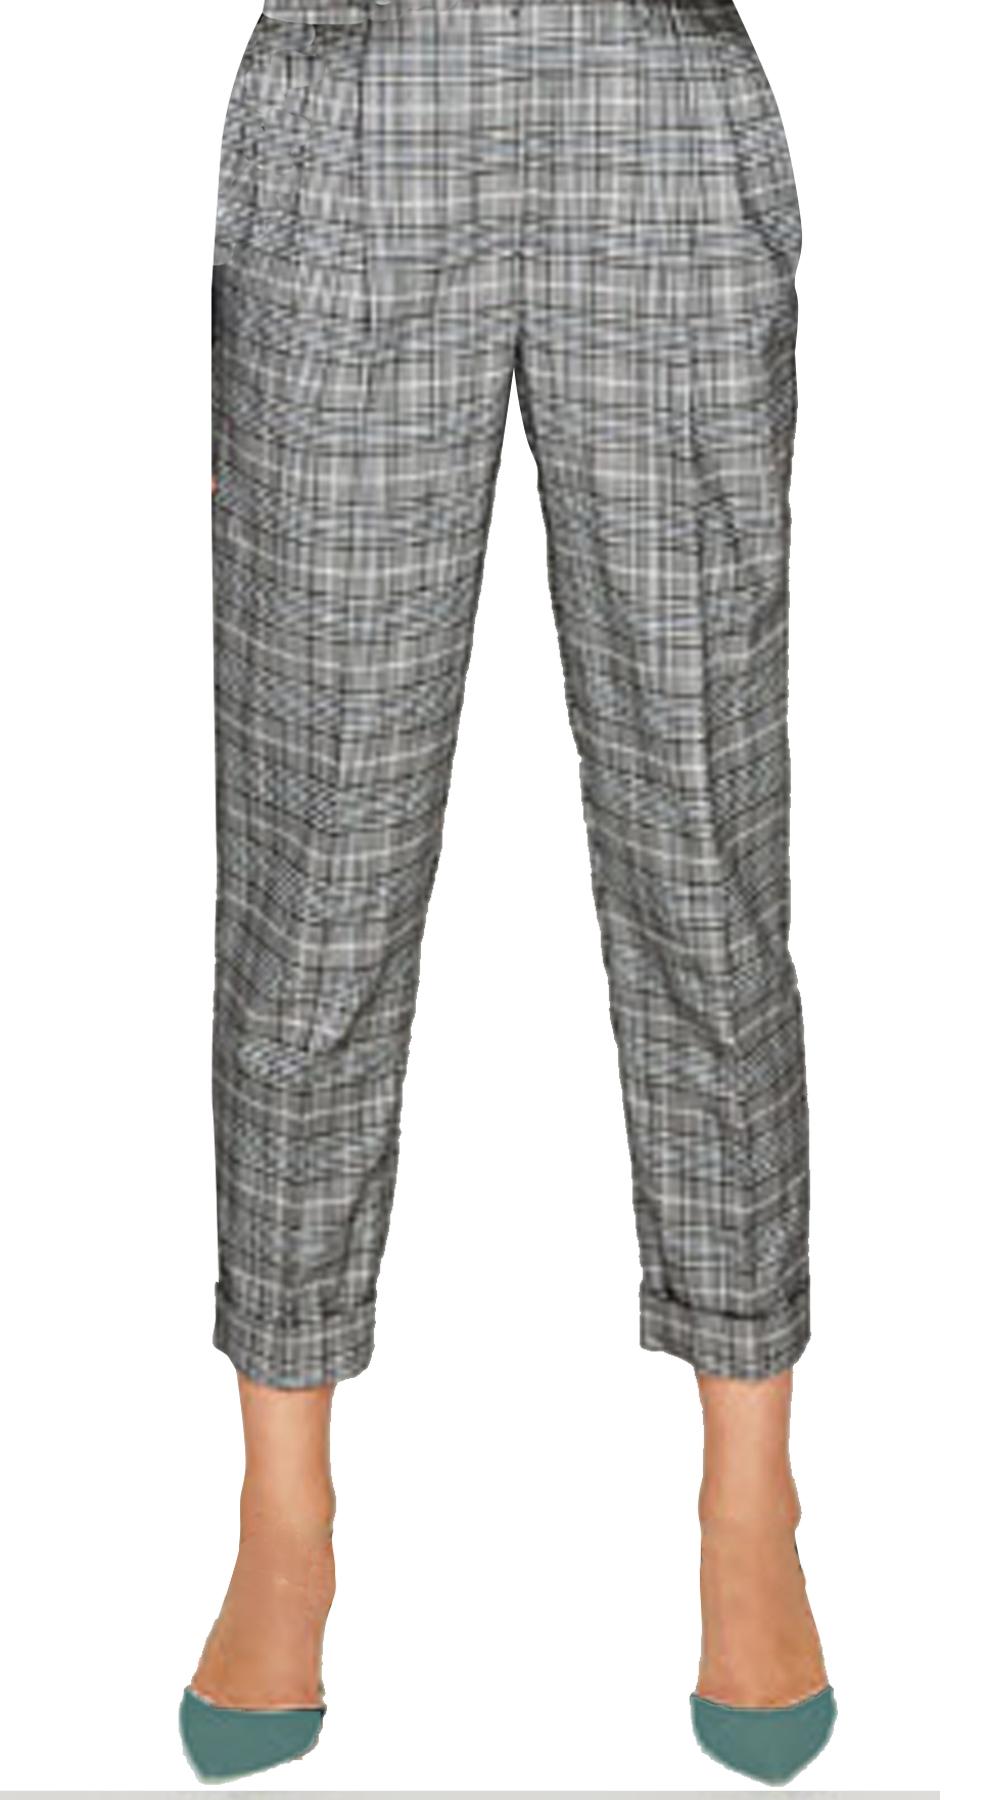 Γυναικείο check cigarette παντελόνι με λάστιχο και τσέπες Online - OEM - FA17ON- top trends office look